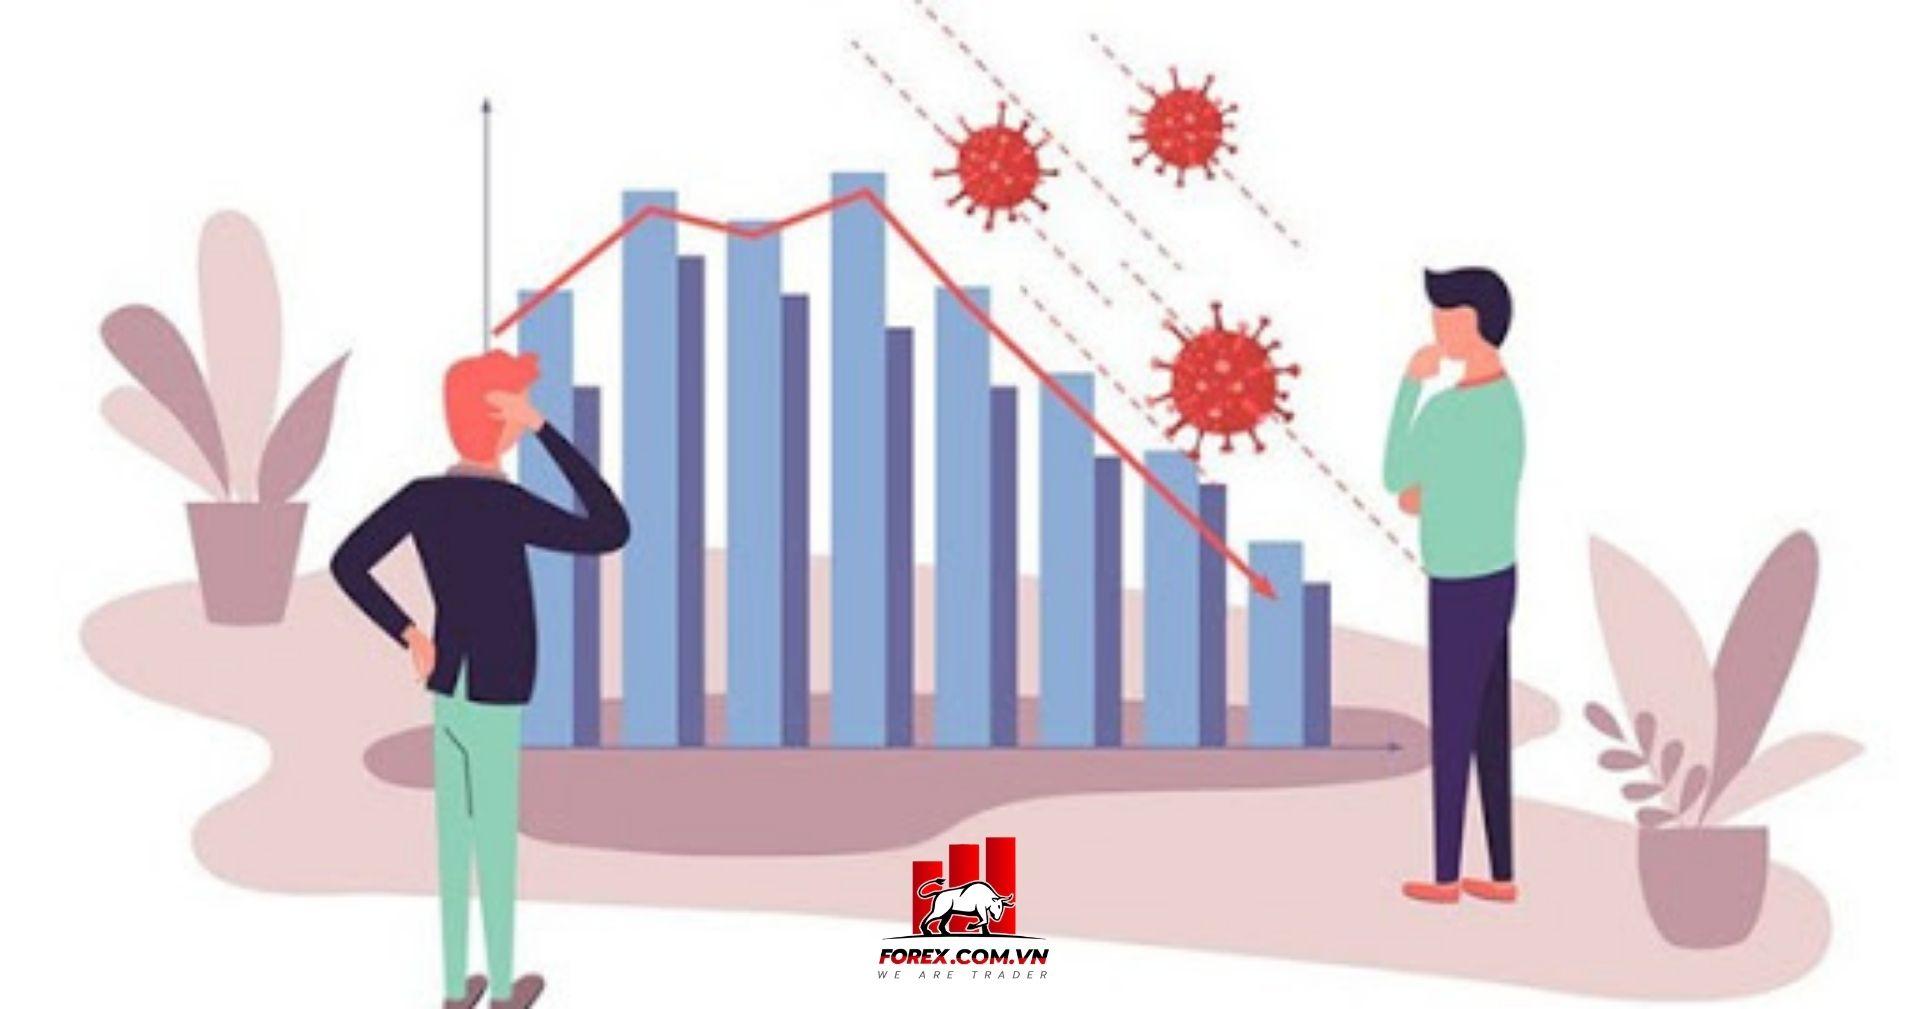 nền kinh tế mỹ bị suy thoái mạng do tác động của đại dịch Covid-19